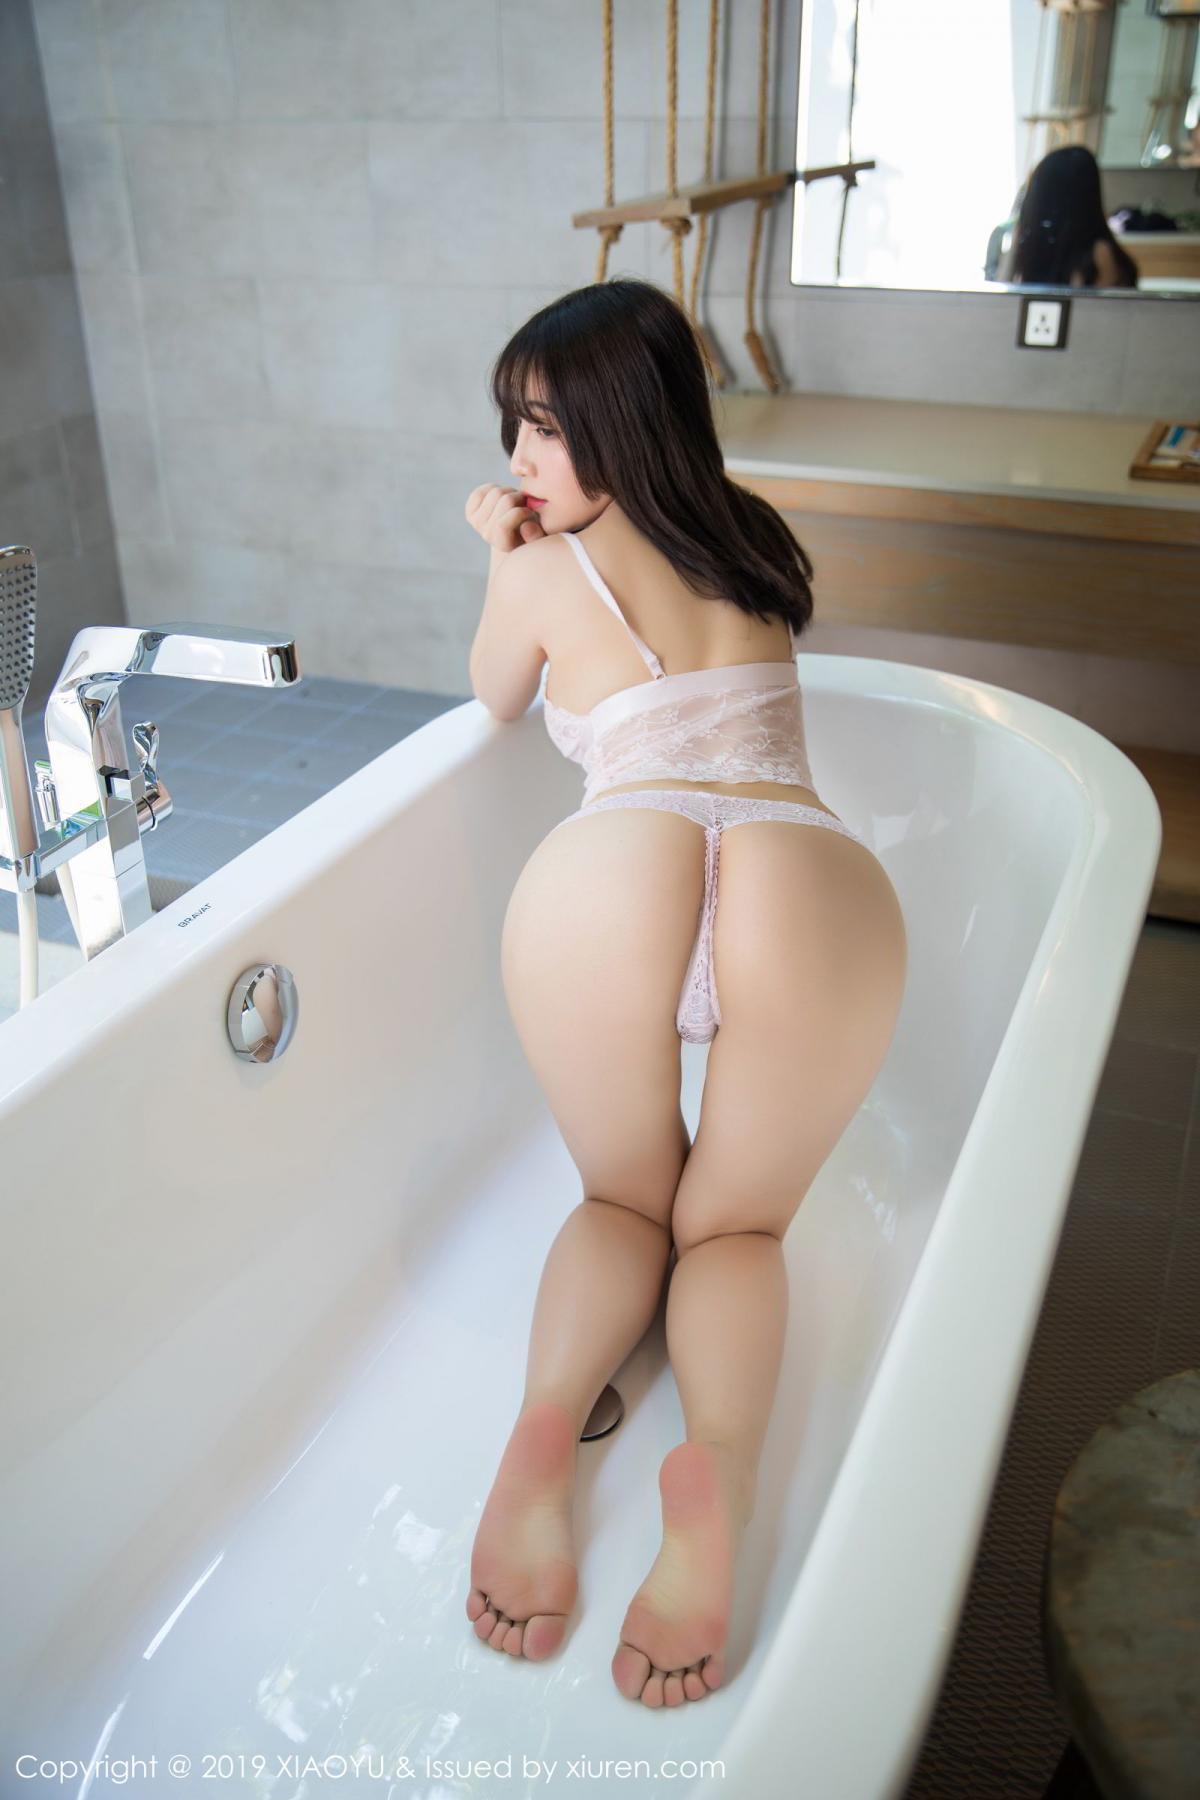 [XiaoYu] Vol.147 Xie Zhi Xin 52P, Bathroom, Big Booty, Wet, XiaoYu, Xie Zhi Xin